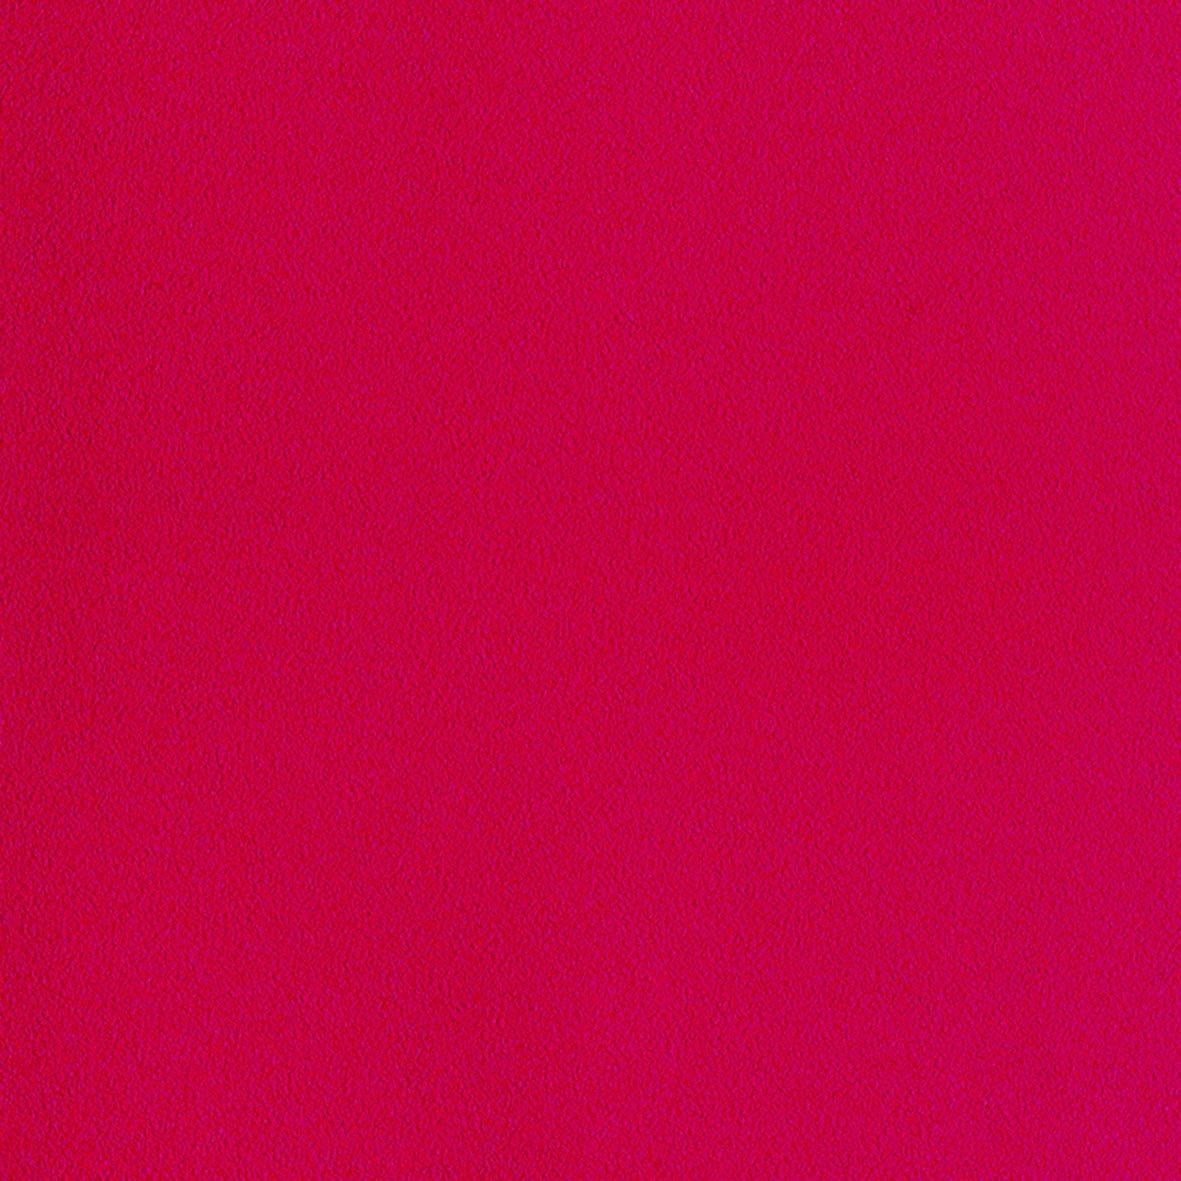 リリカラ 壁紙38m シンフル 無地 レッド LL-8846 B01N3W9W9L 38m|レッド